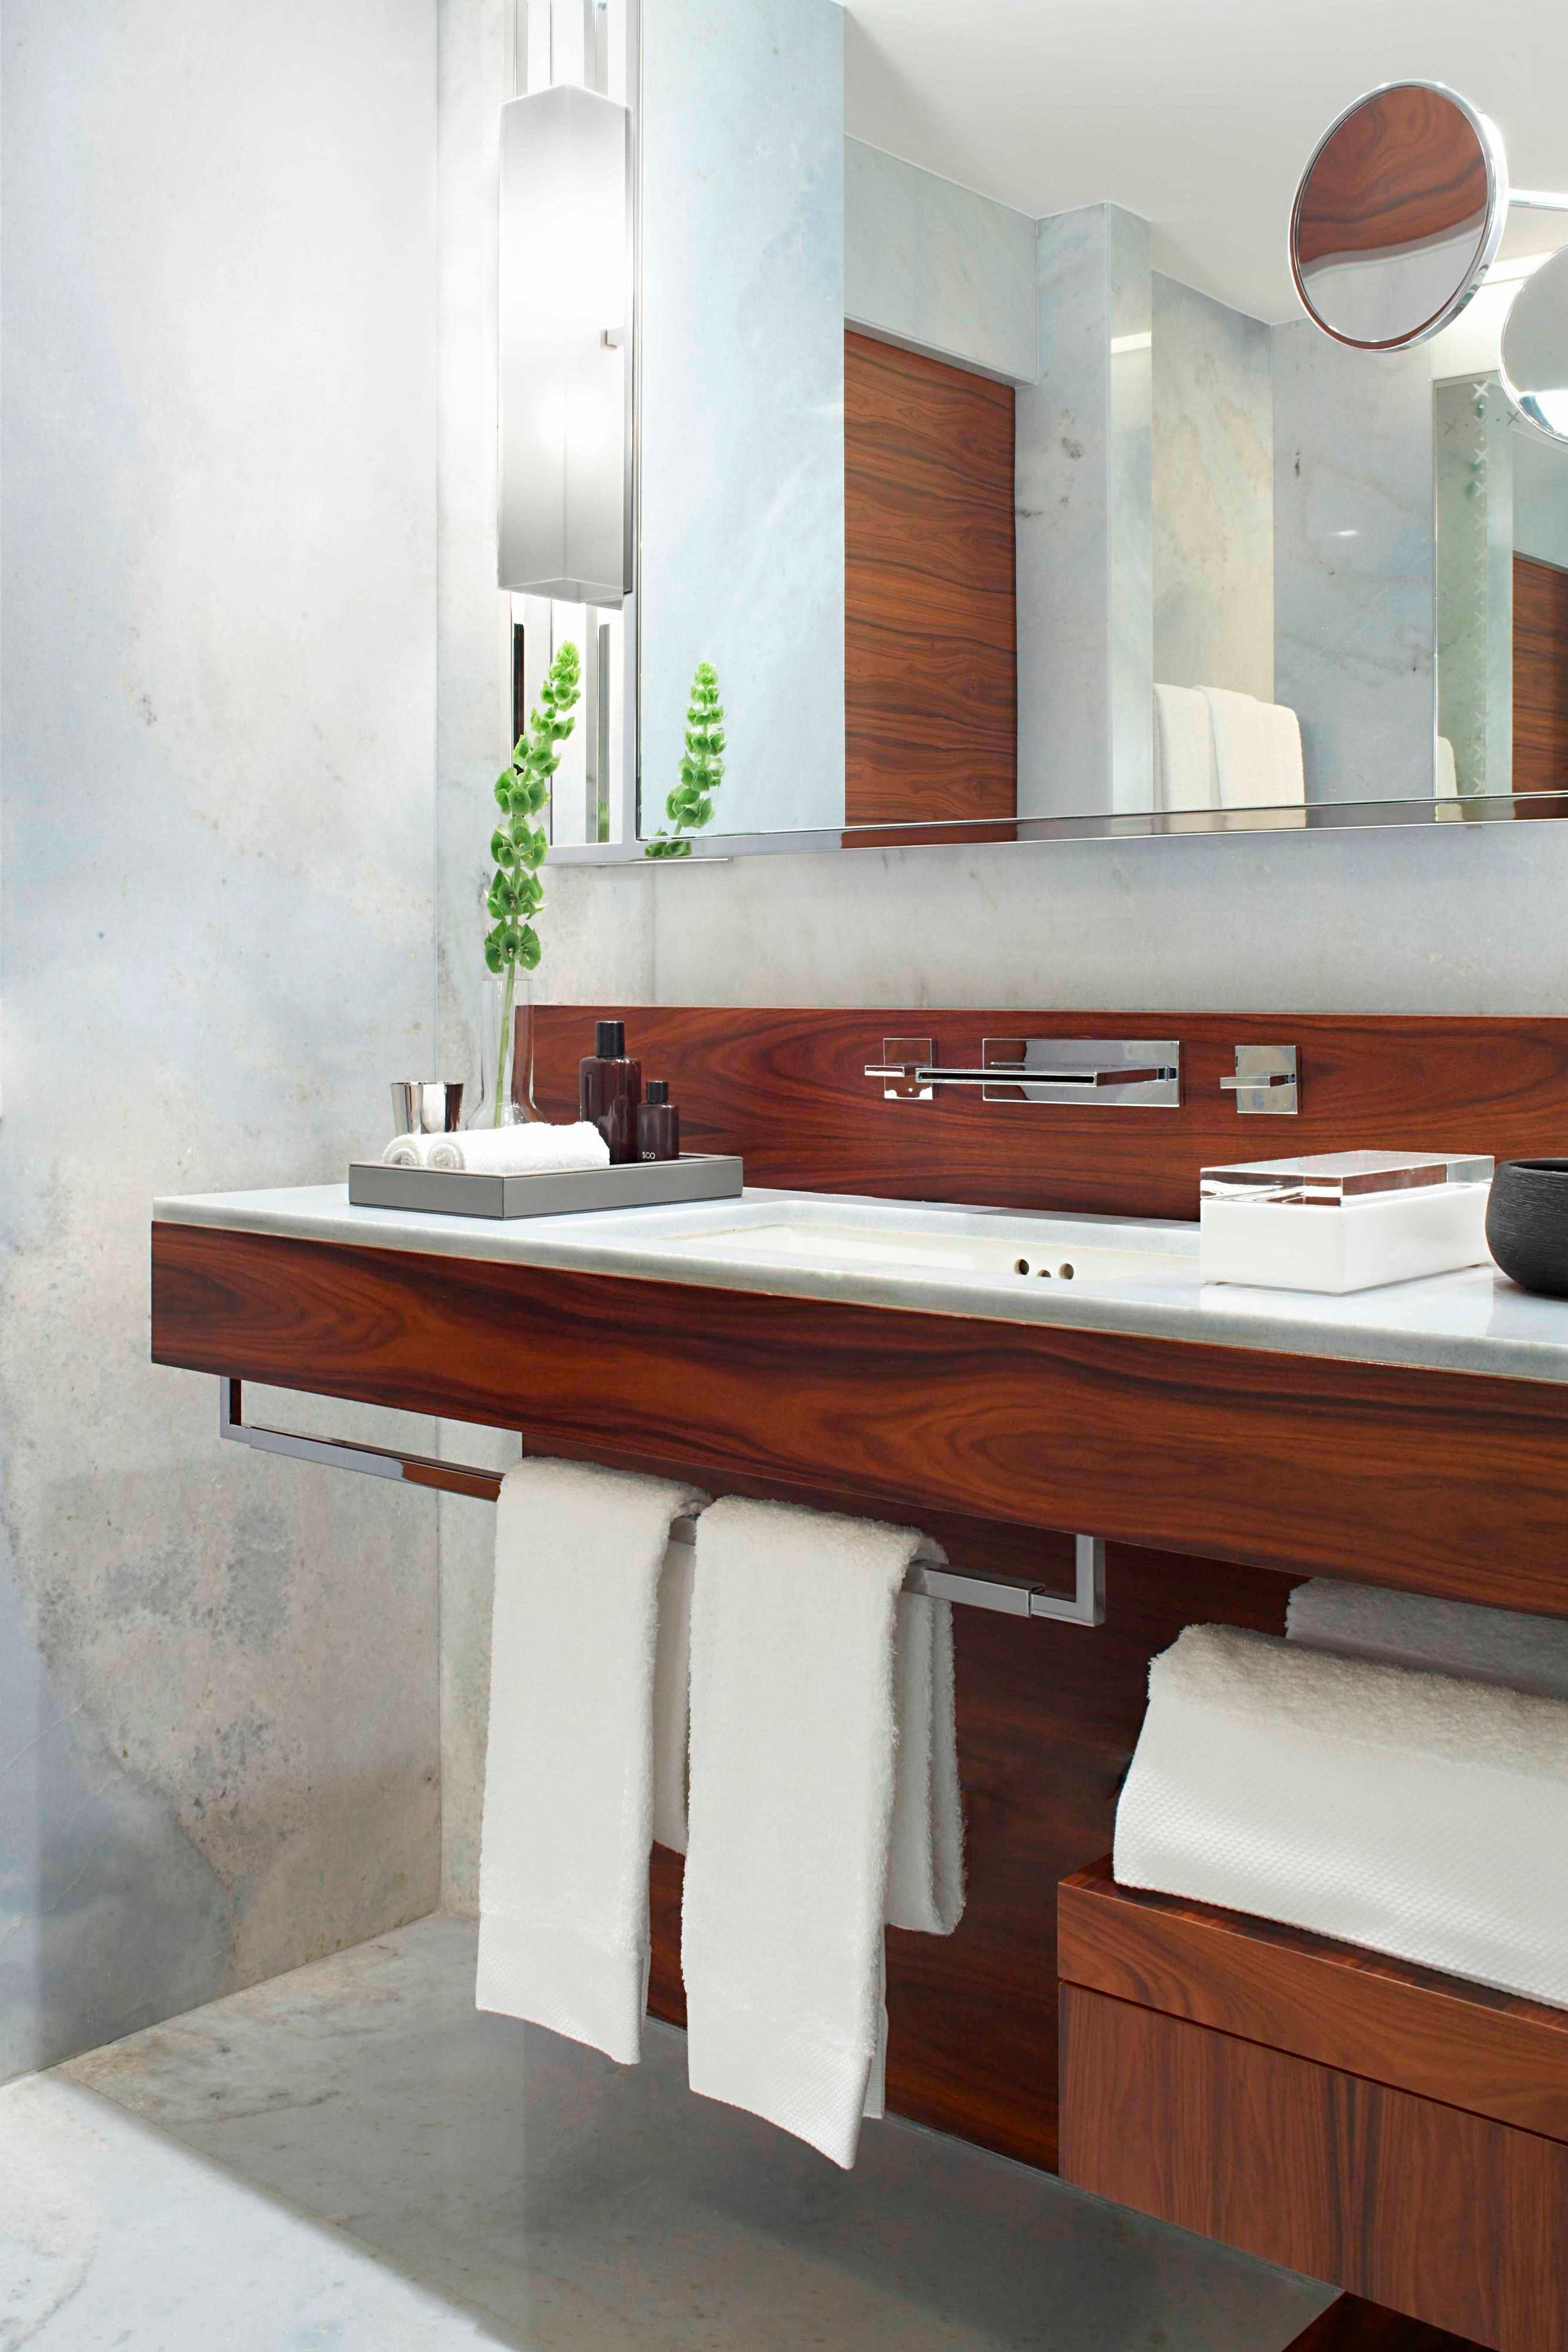 Zimmer Standardbad Waschbecken